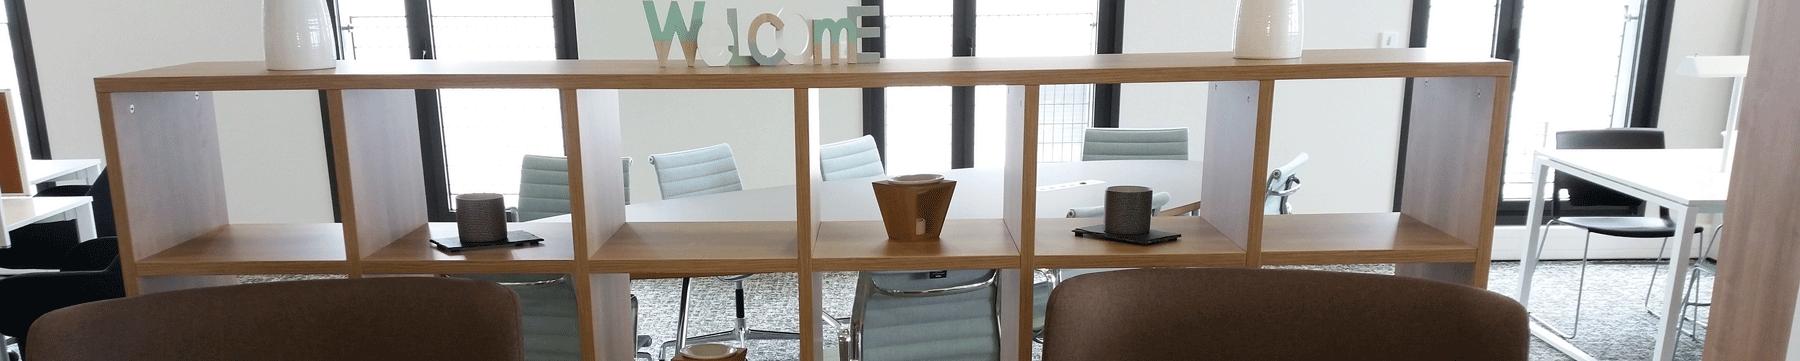 conseil absolu cabinet de gestion de patrimoine conseil en gestion de patrimoine marne la. Black Bedroom Furniture Sets. Home Design Ideas